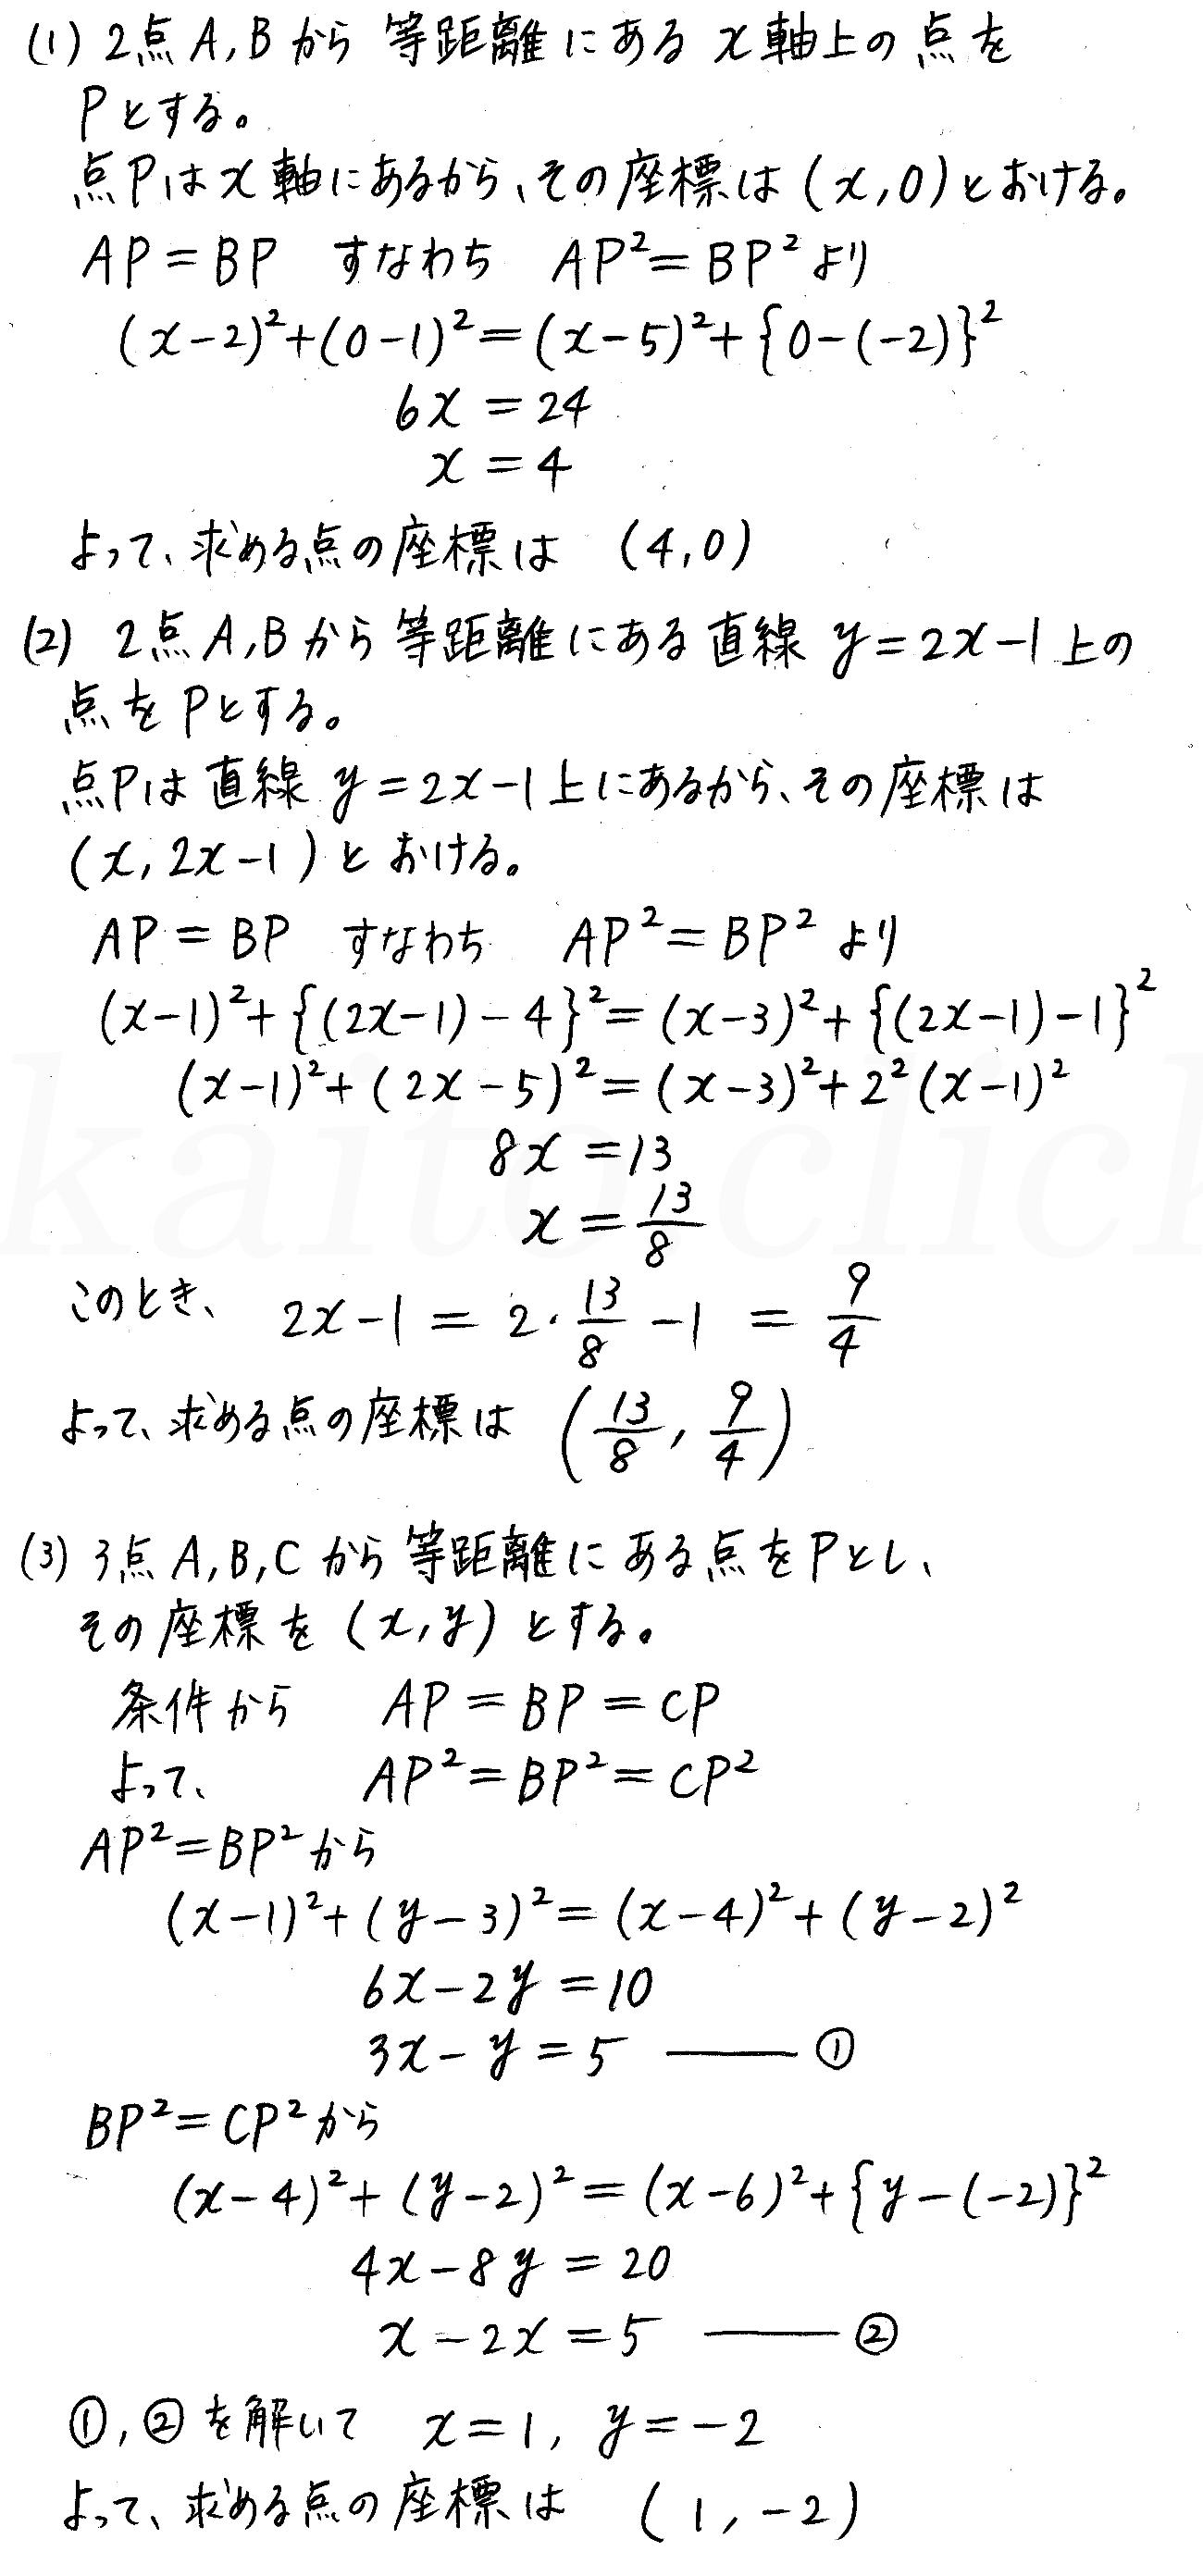 クリアー数学2-158解答